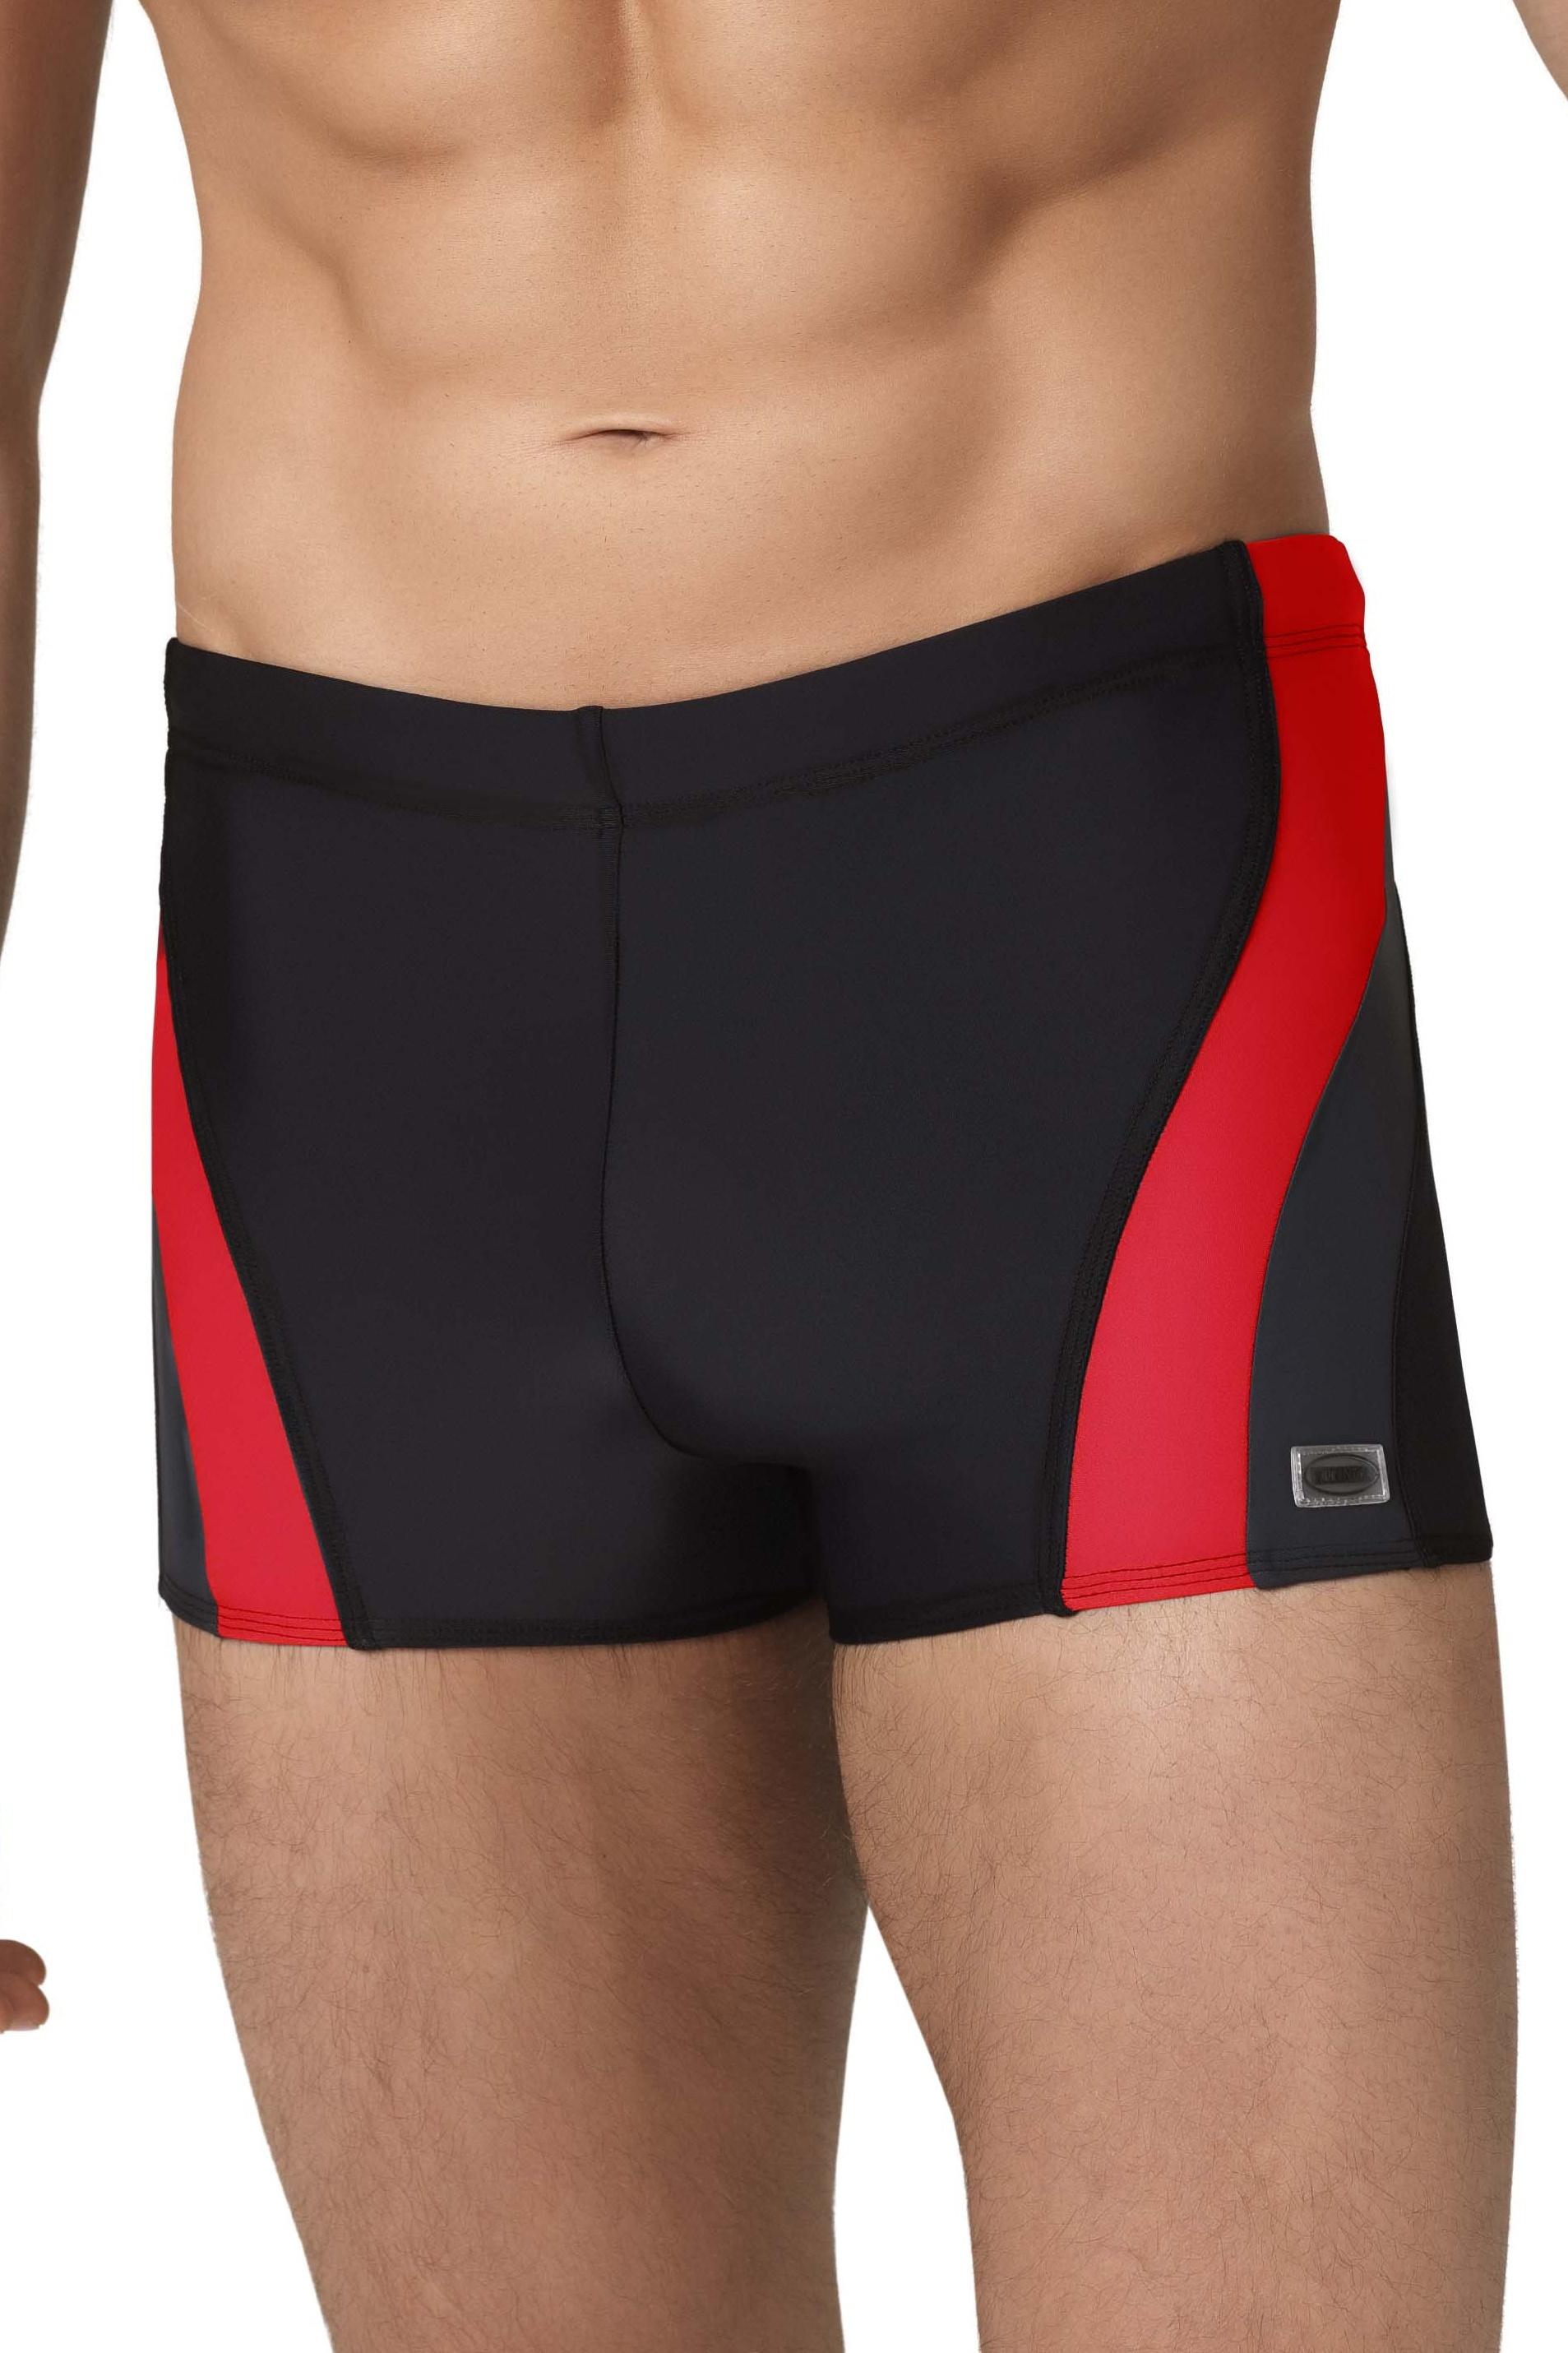 065b6aafaf4 Pánské boxerkové plavky Philip2 černočervené - ELEGANT.cz